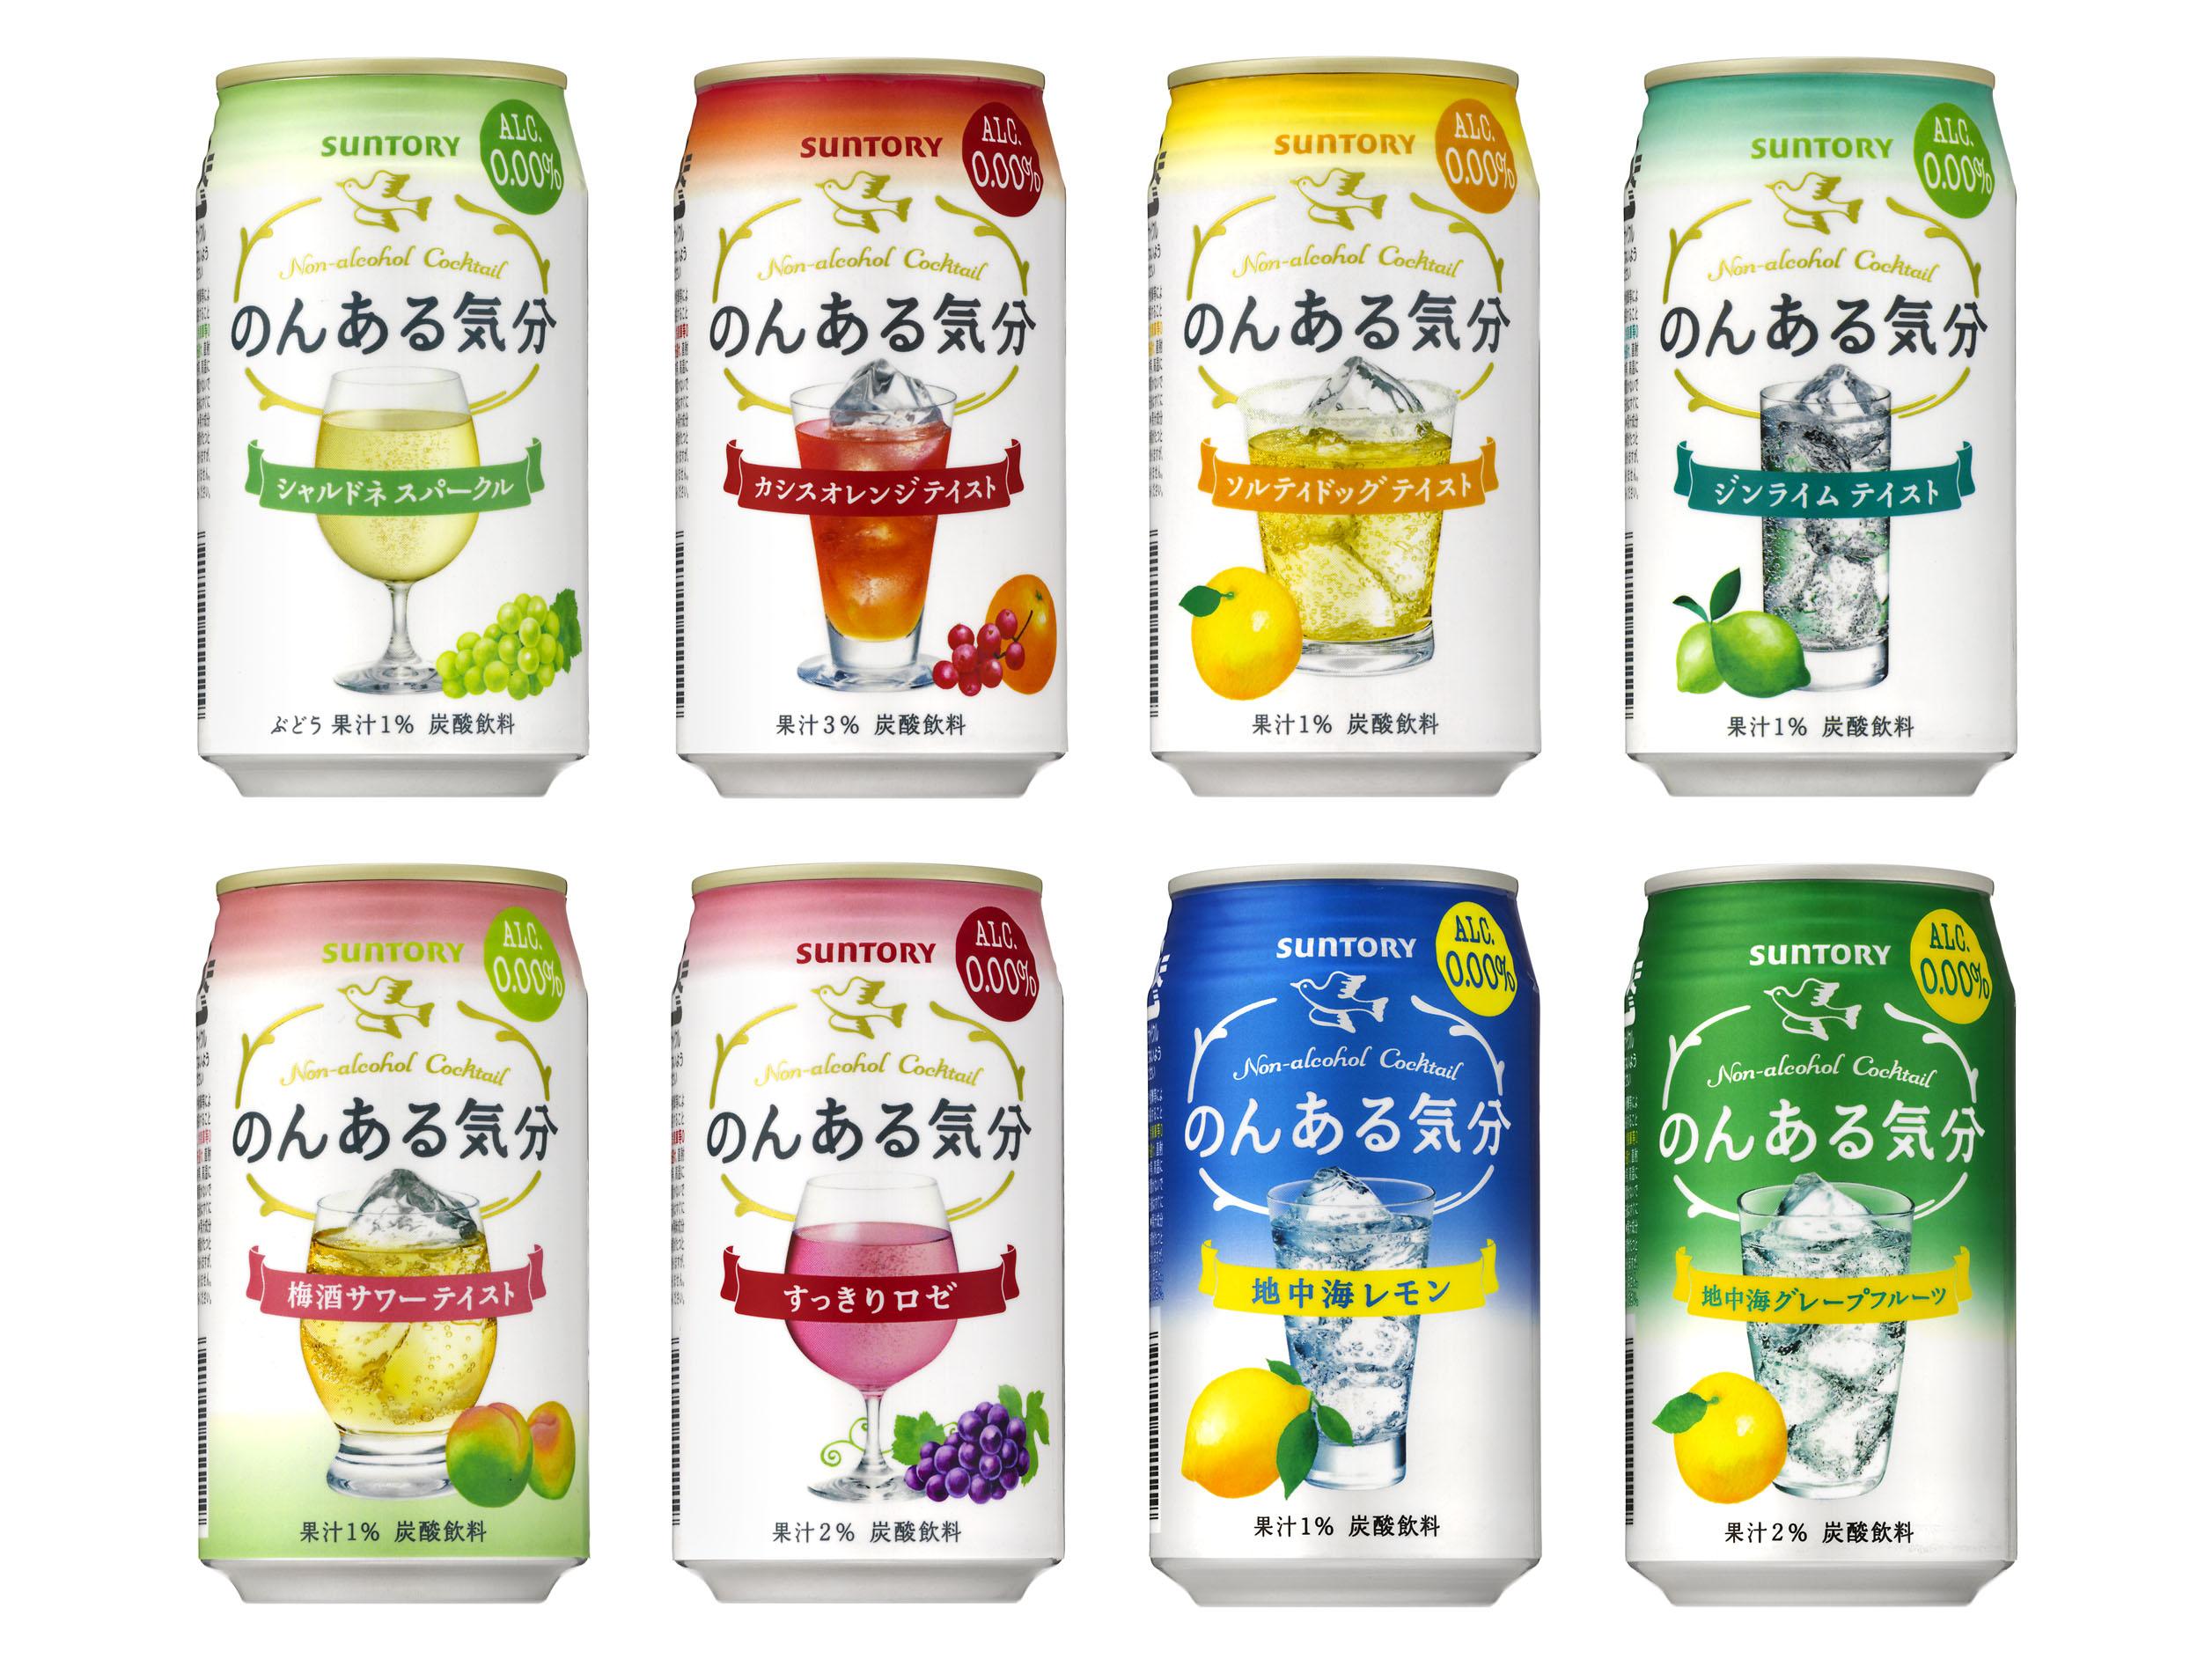 ノンアルコール飲料「のんある気分」リニューアル 2014.1.7 ニュース ...